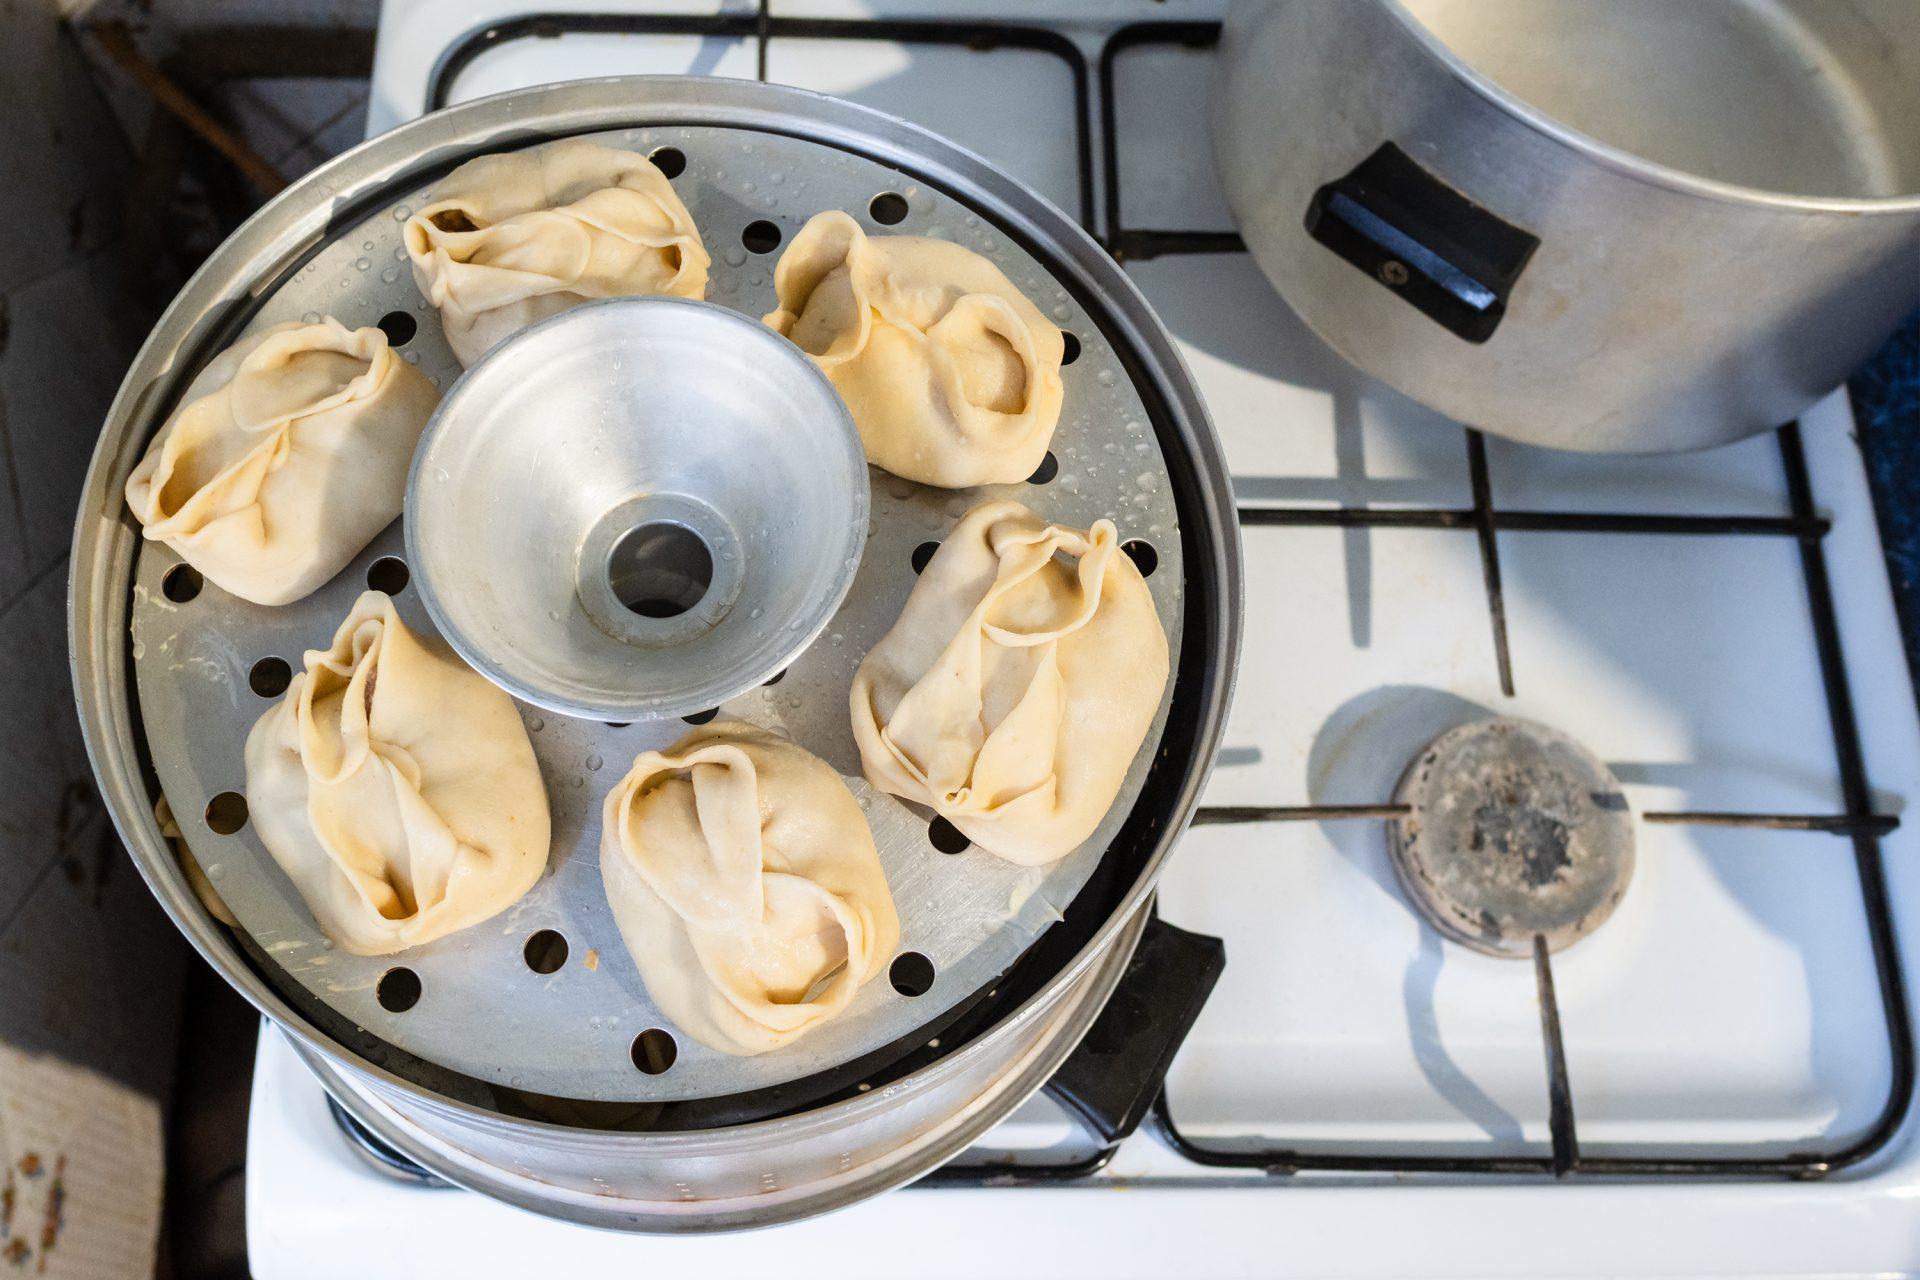 Способы приготовления блюд: варка на пару: в нижней части мантоварки кипящая вода, пар от которой поднимается в вверх и доводит манты до готовности